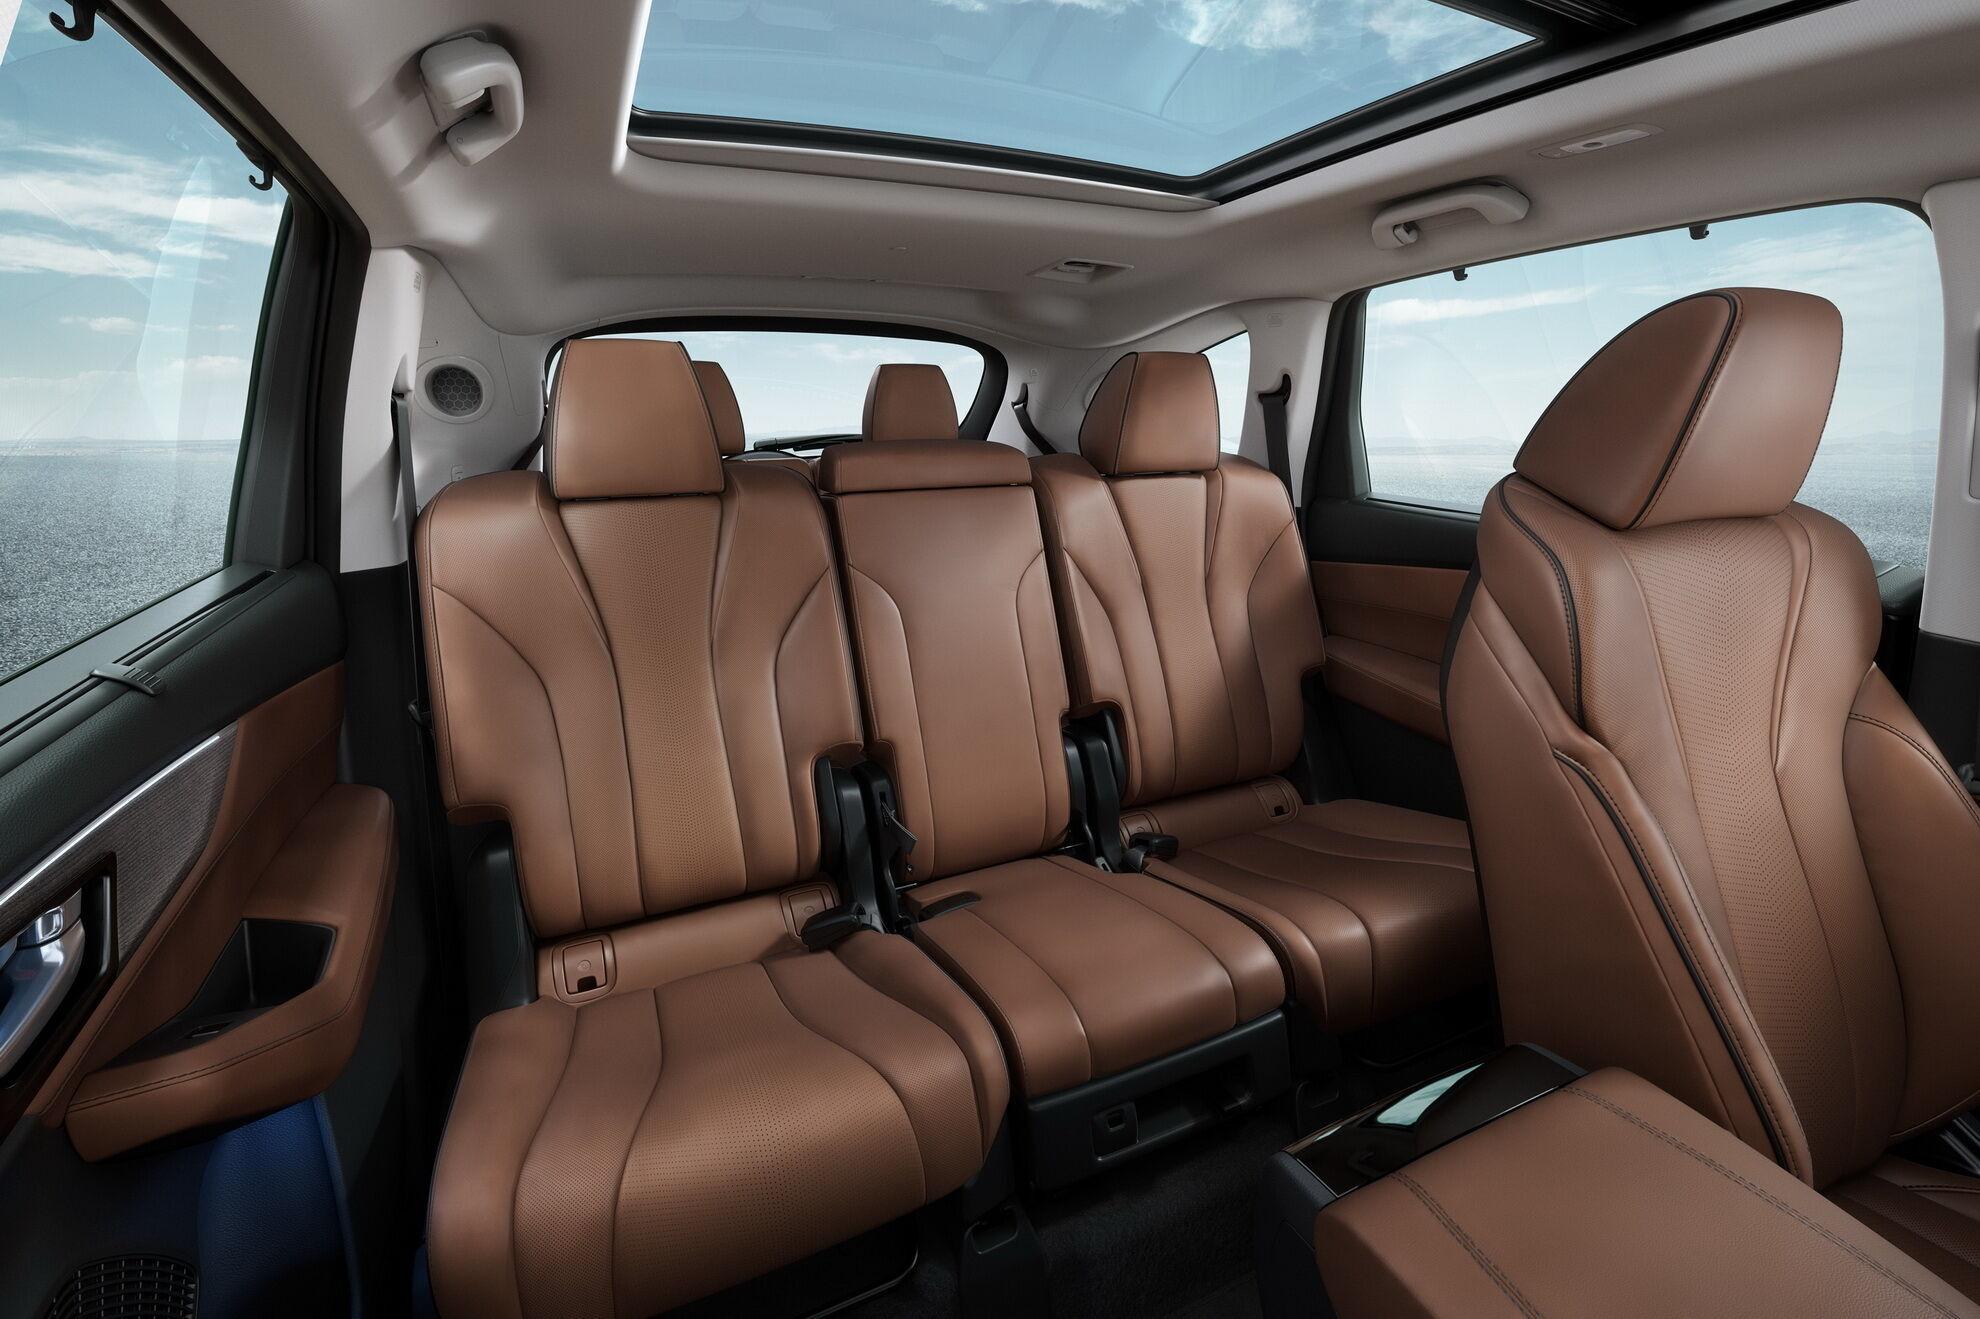 2022 Acura MDX отримала 7-місцевий салон з індивідуальними кріслами